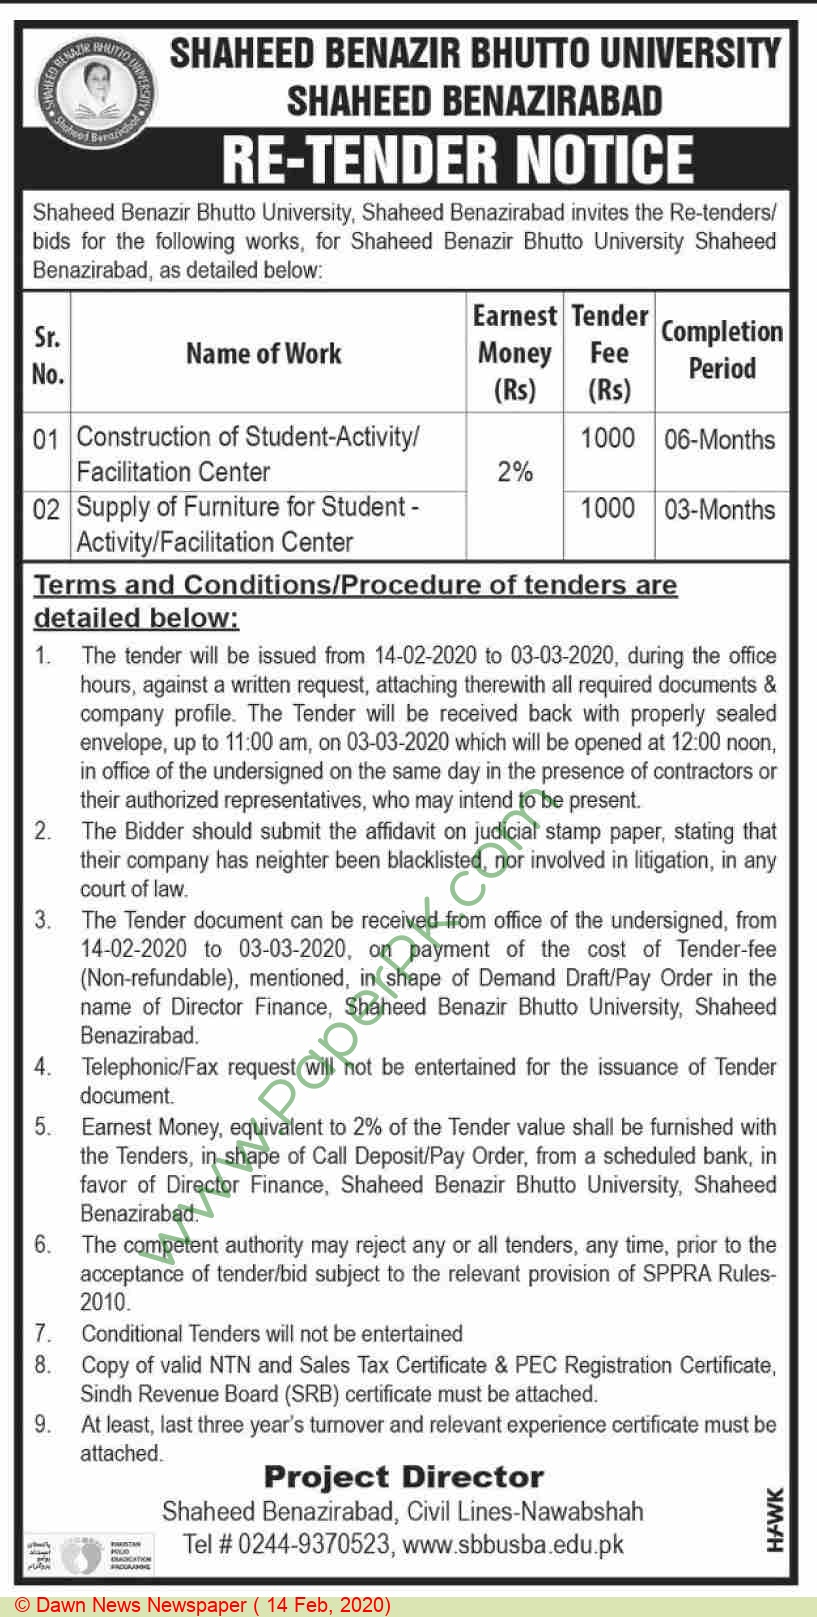 Shaheed Benazir Bhutto University Shaheed Benazirabad Tender Notice